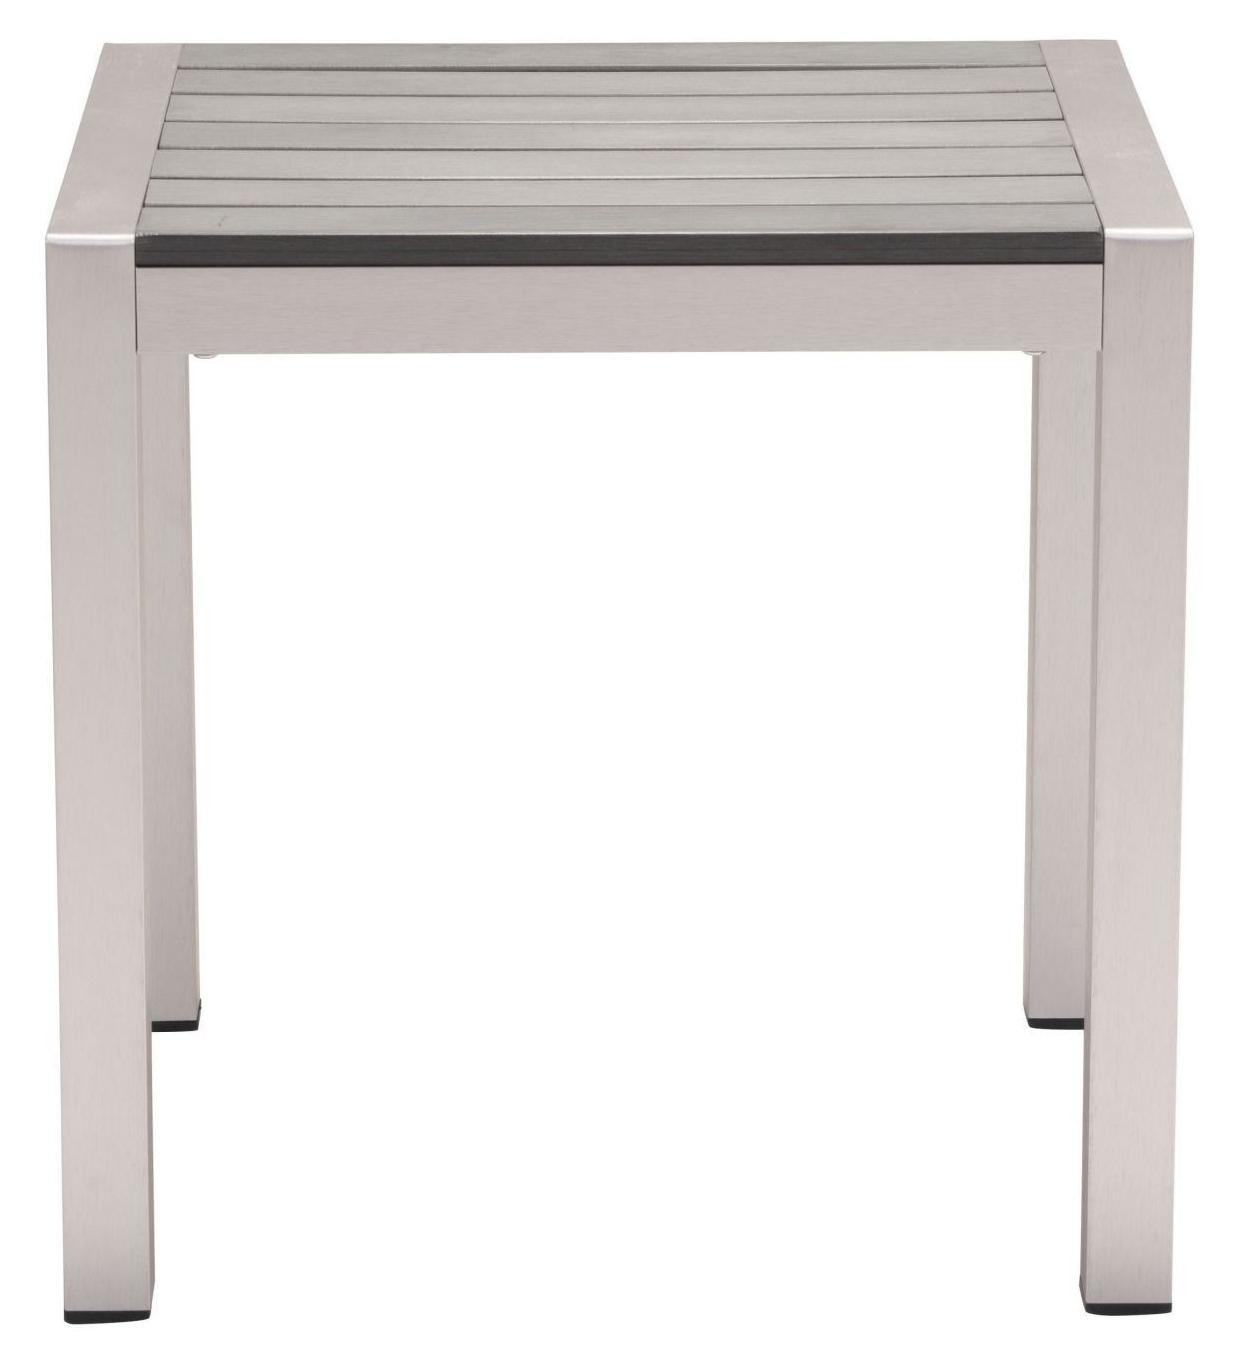 cosmopolitan side table b aluminum